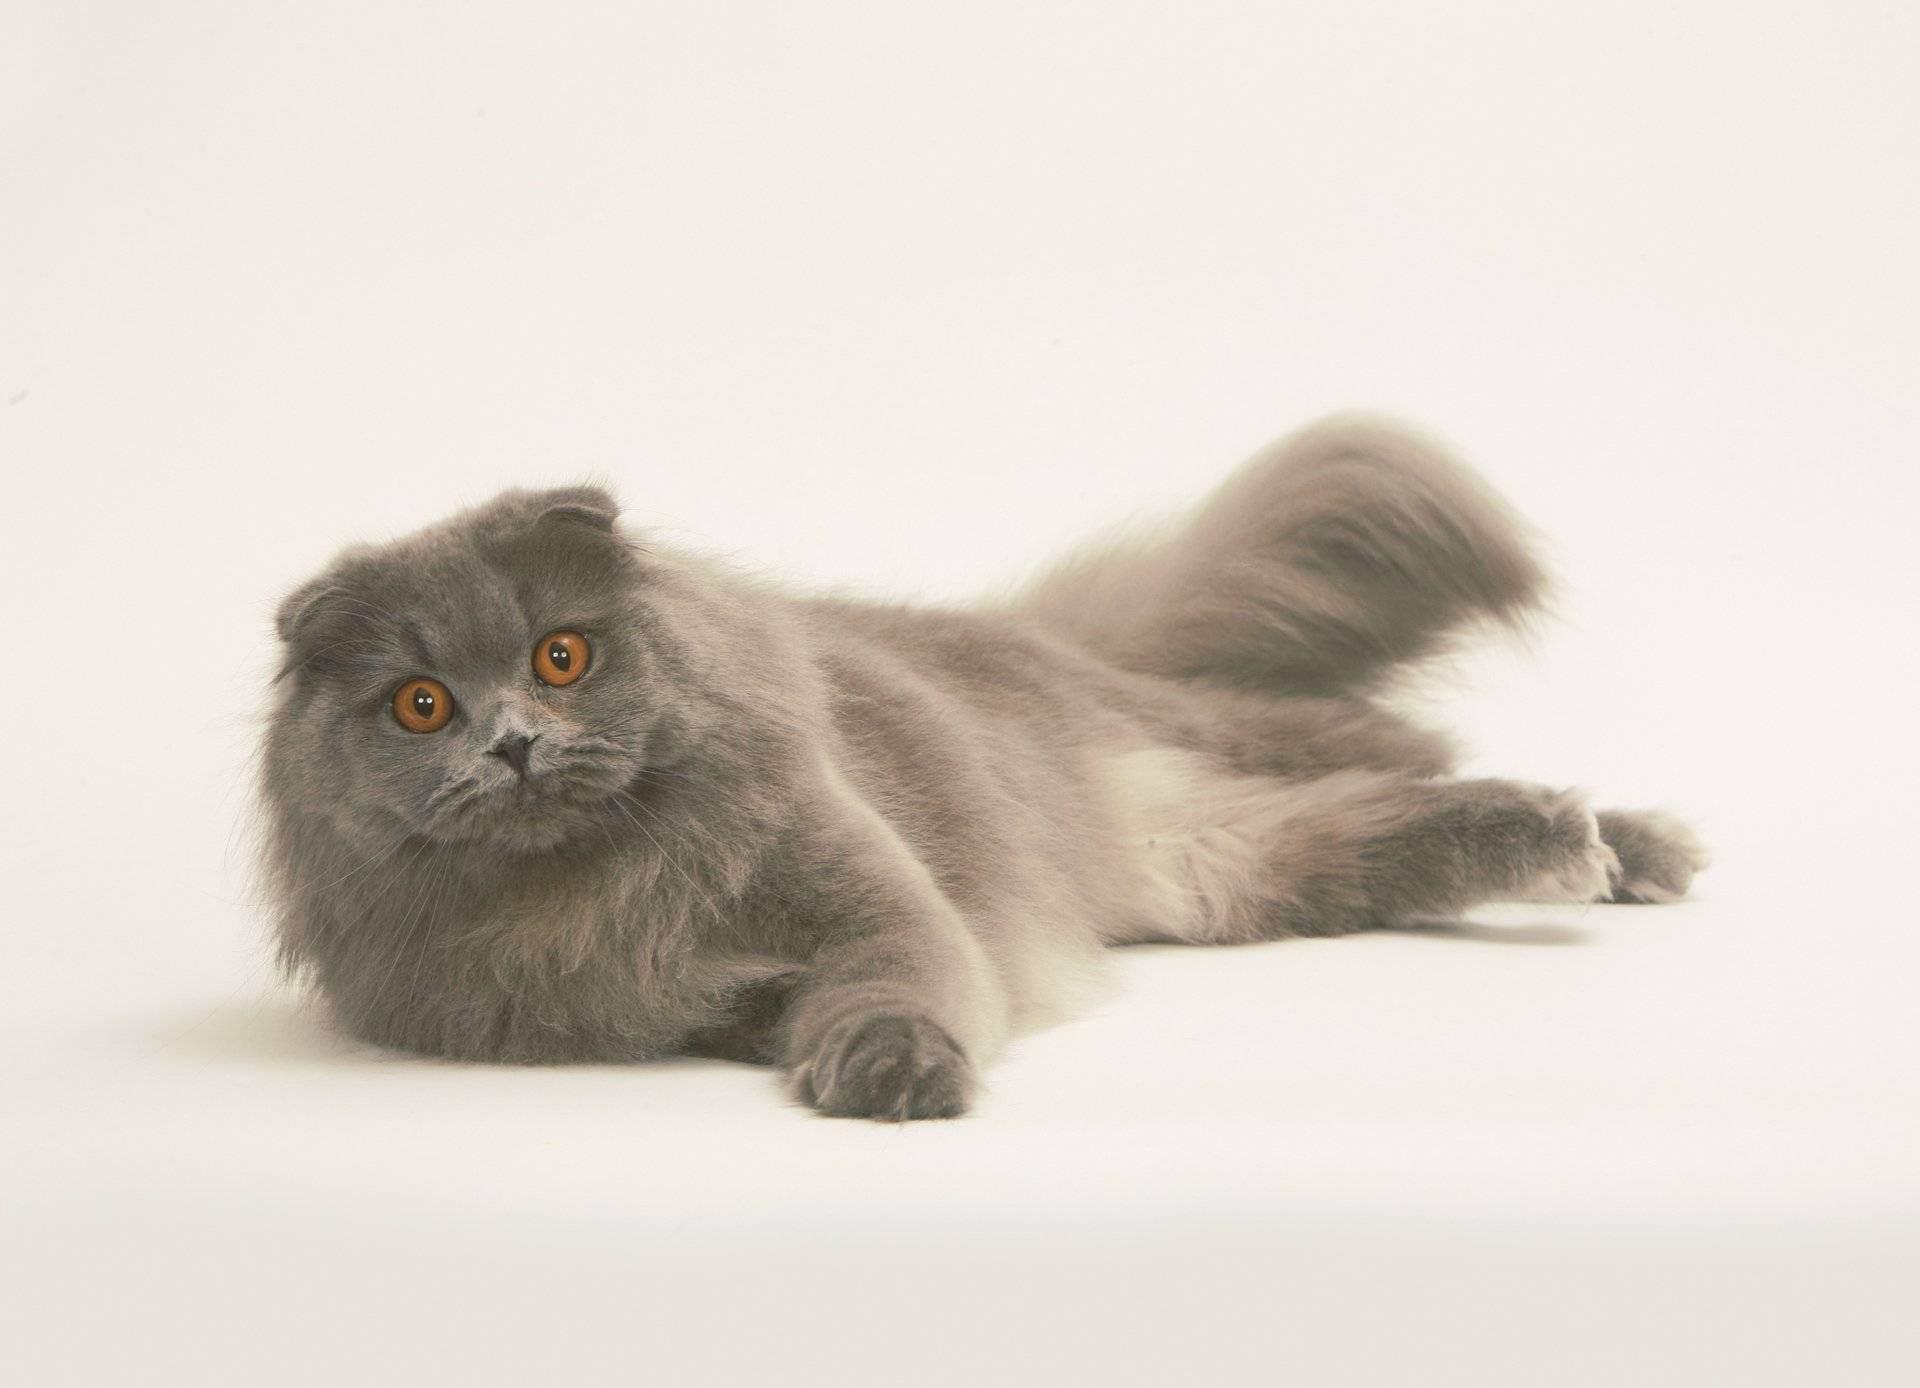 Описание и особенности шотландских вислоухих кошек. о шотландской вислоухой кошке